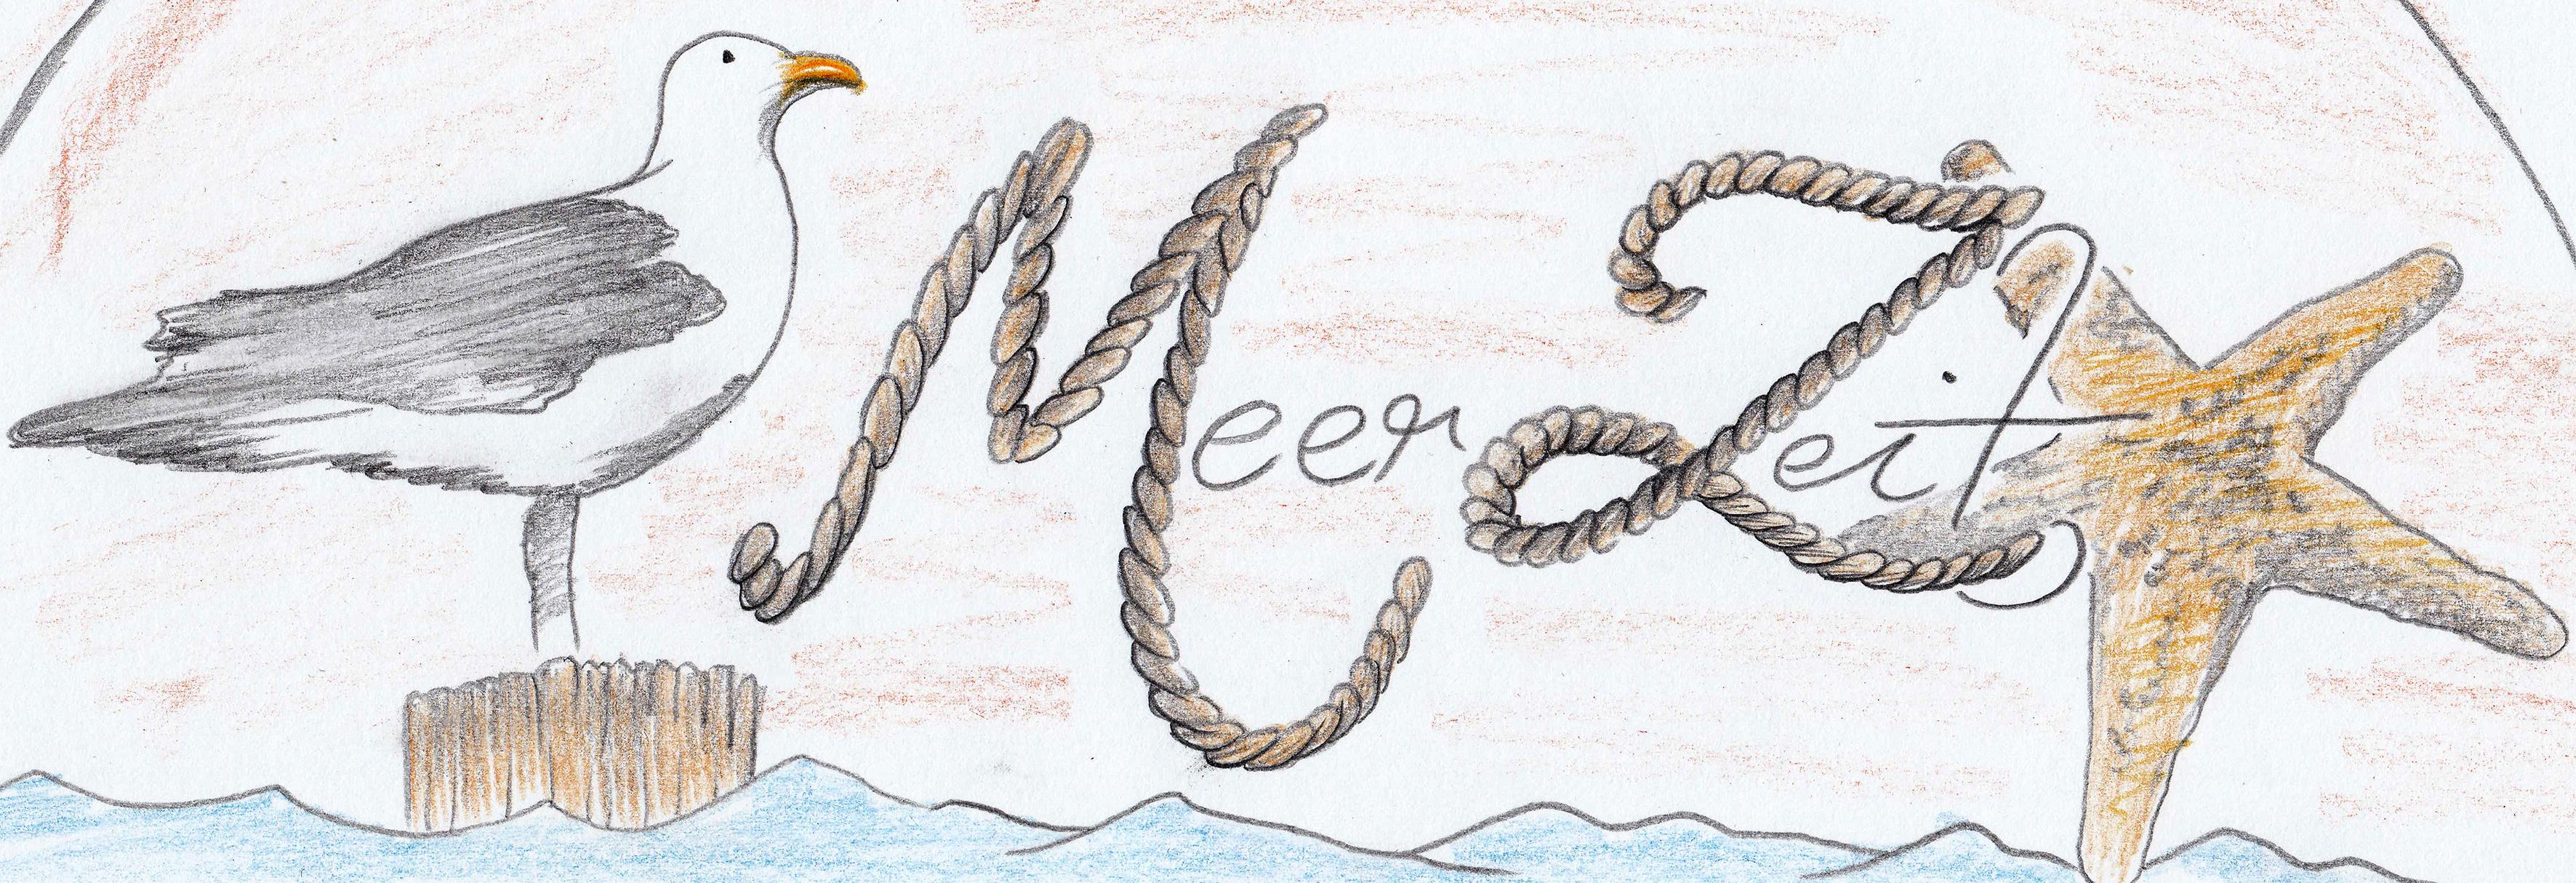 Meerzeit Uetersen